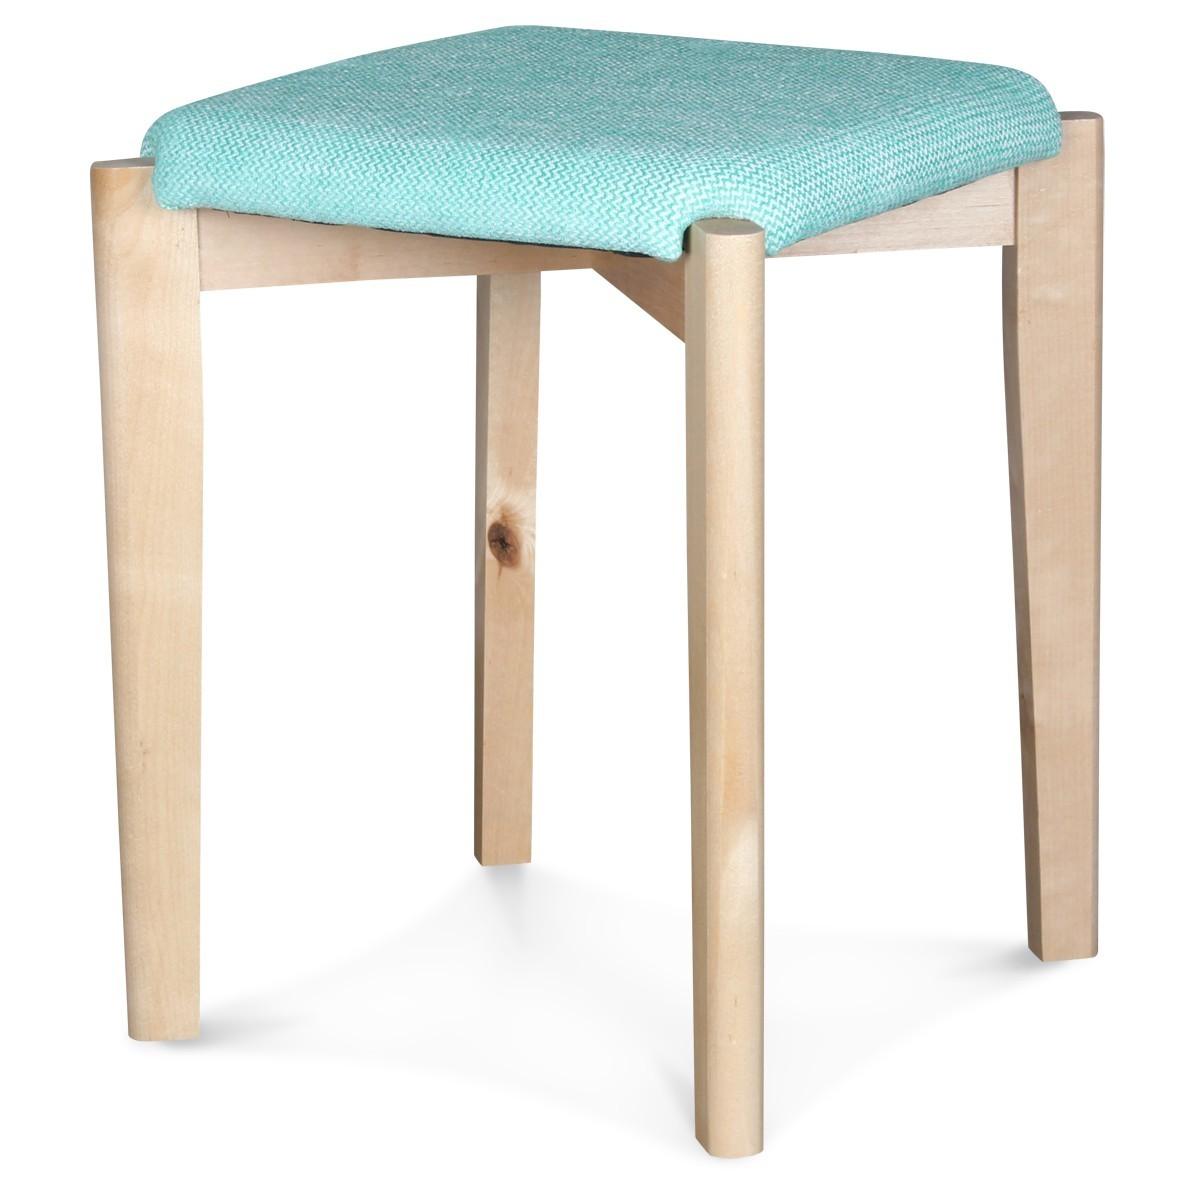 tabouret bas scandinave naturel tissu bleu oc an karin. Black Bedroom Furniture Sets. Home Design Ideas